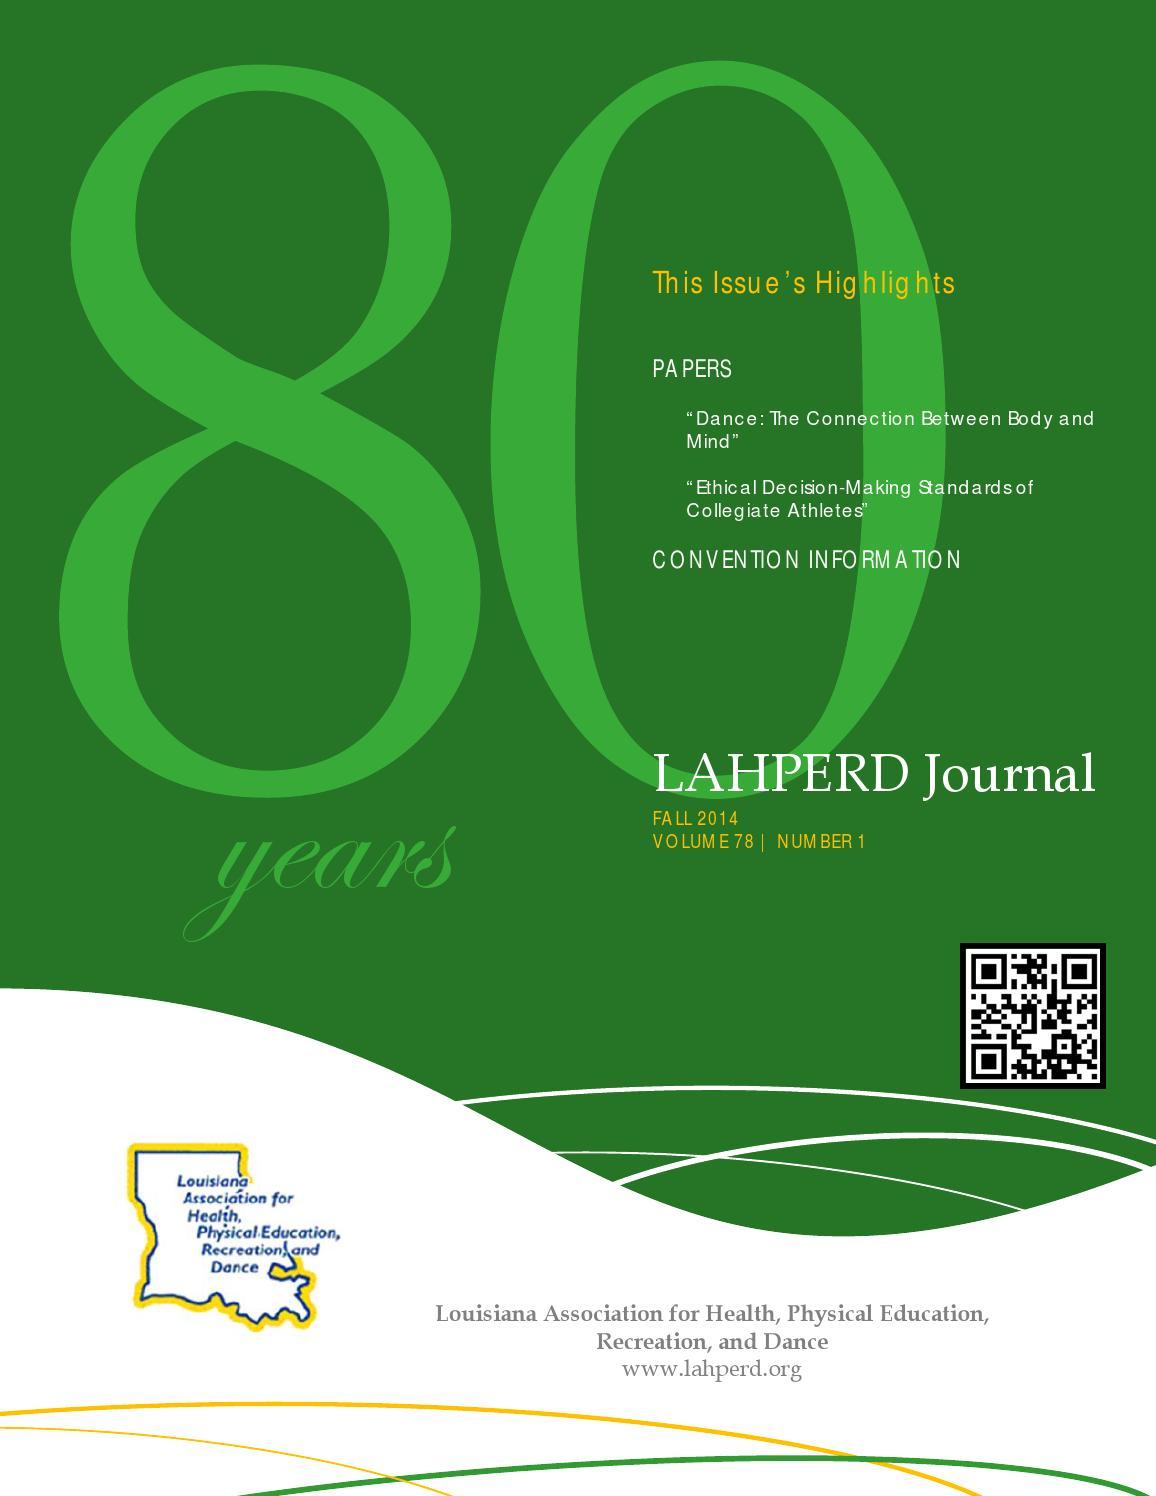 Lahperd Journal